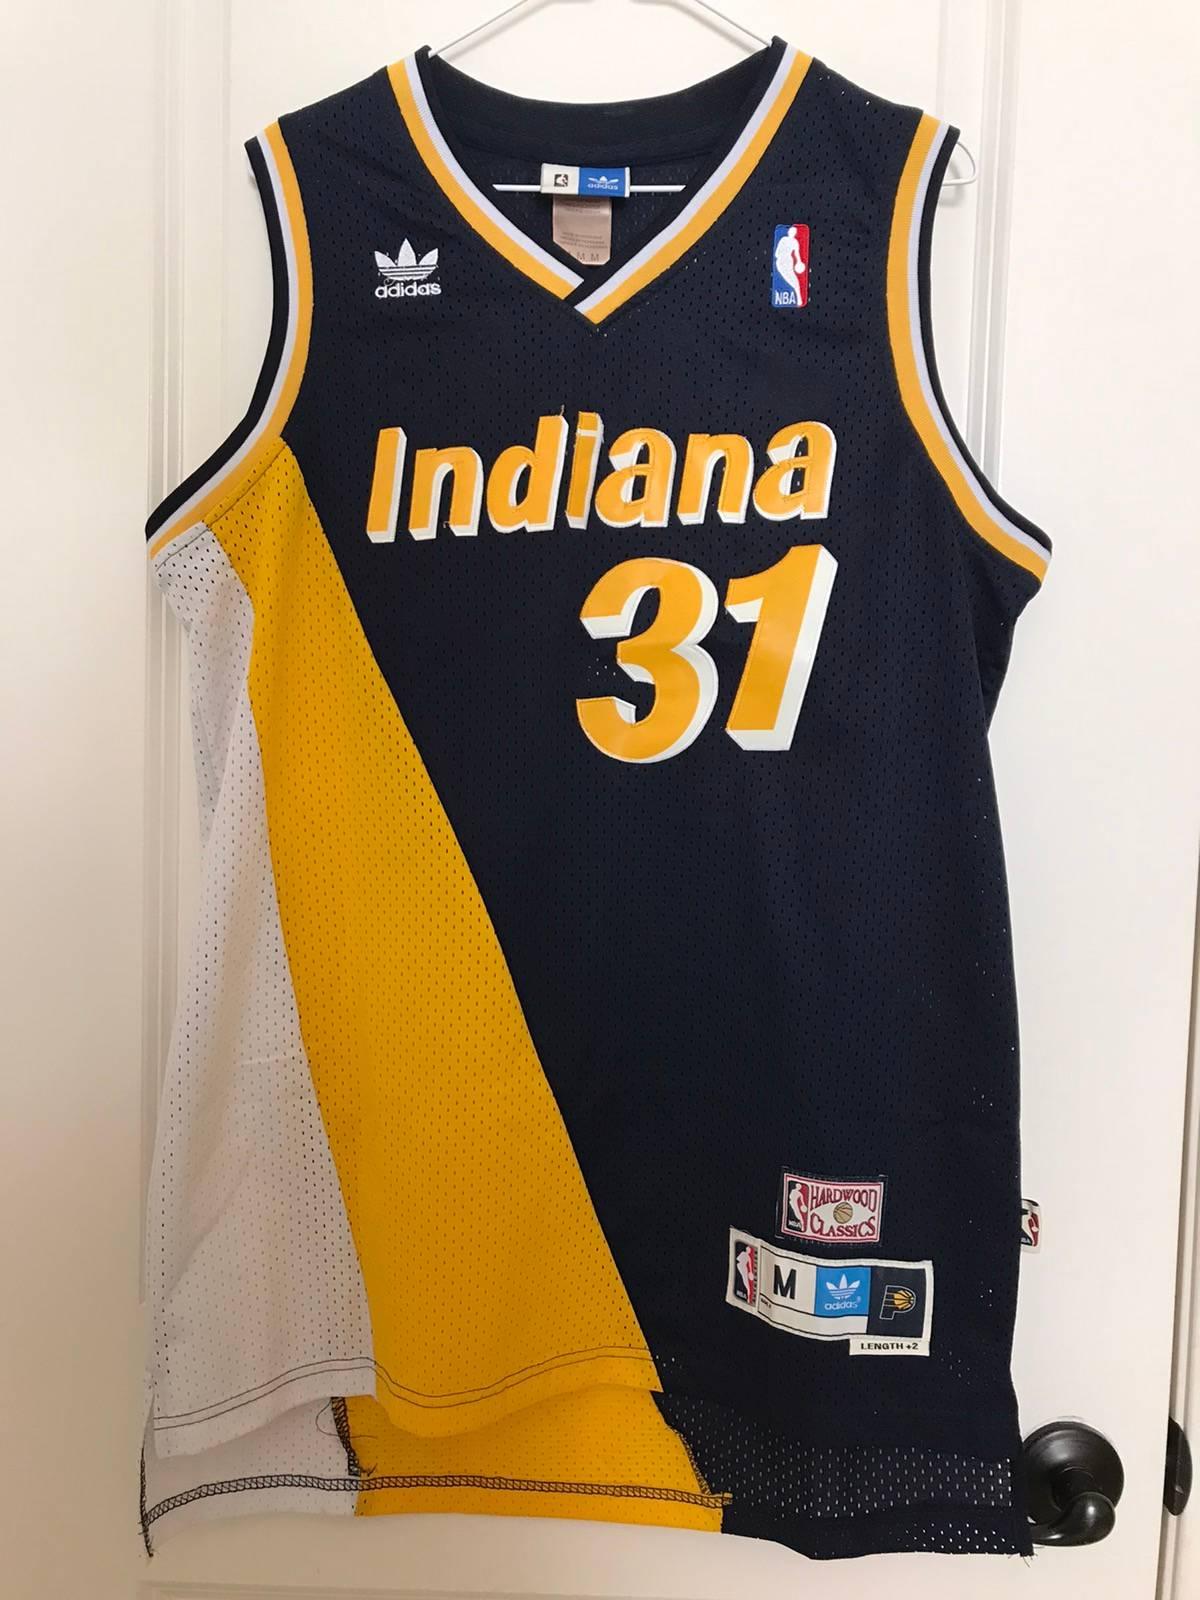 Adidas Adidas x NBA Hardwood Classics Reggie Miller Jersey